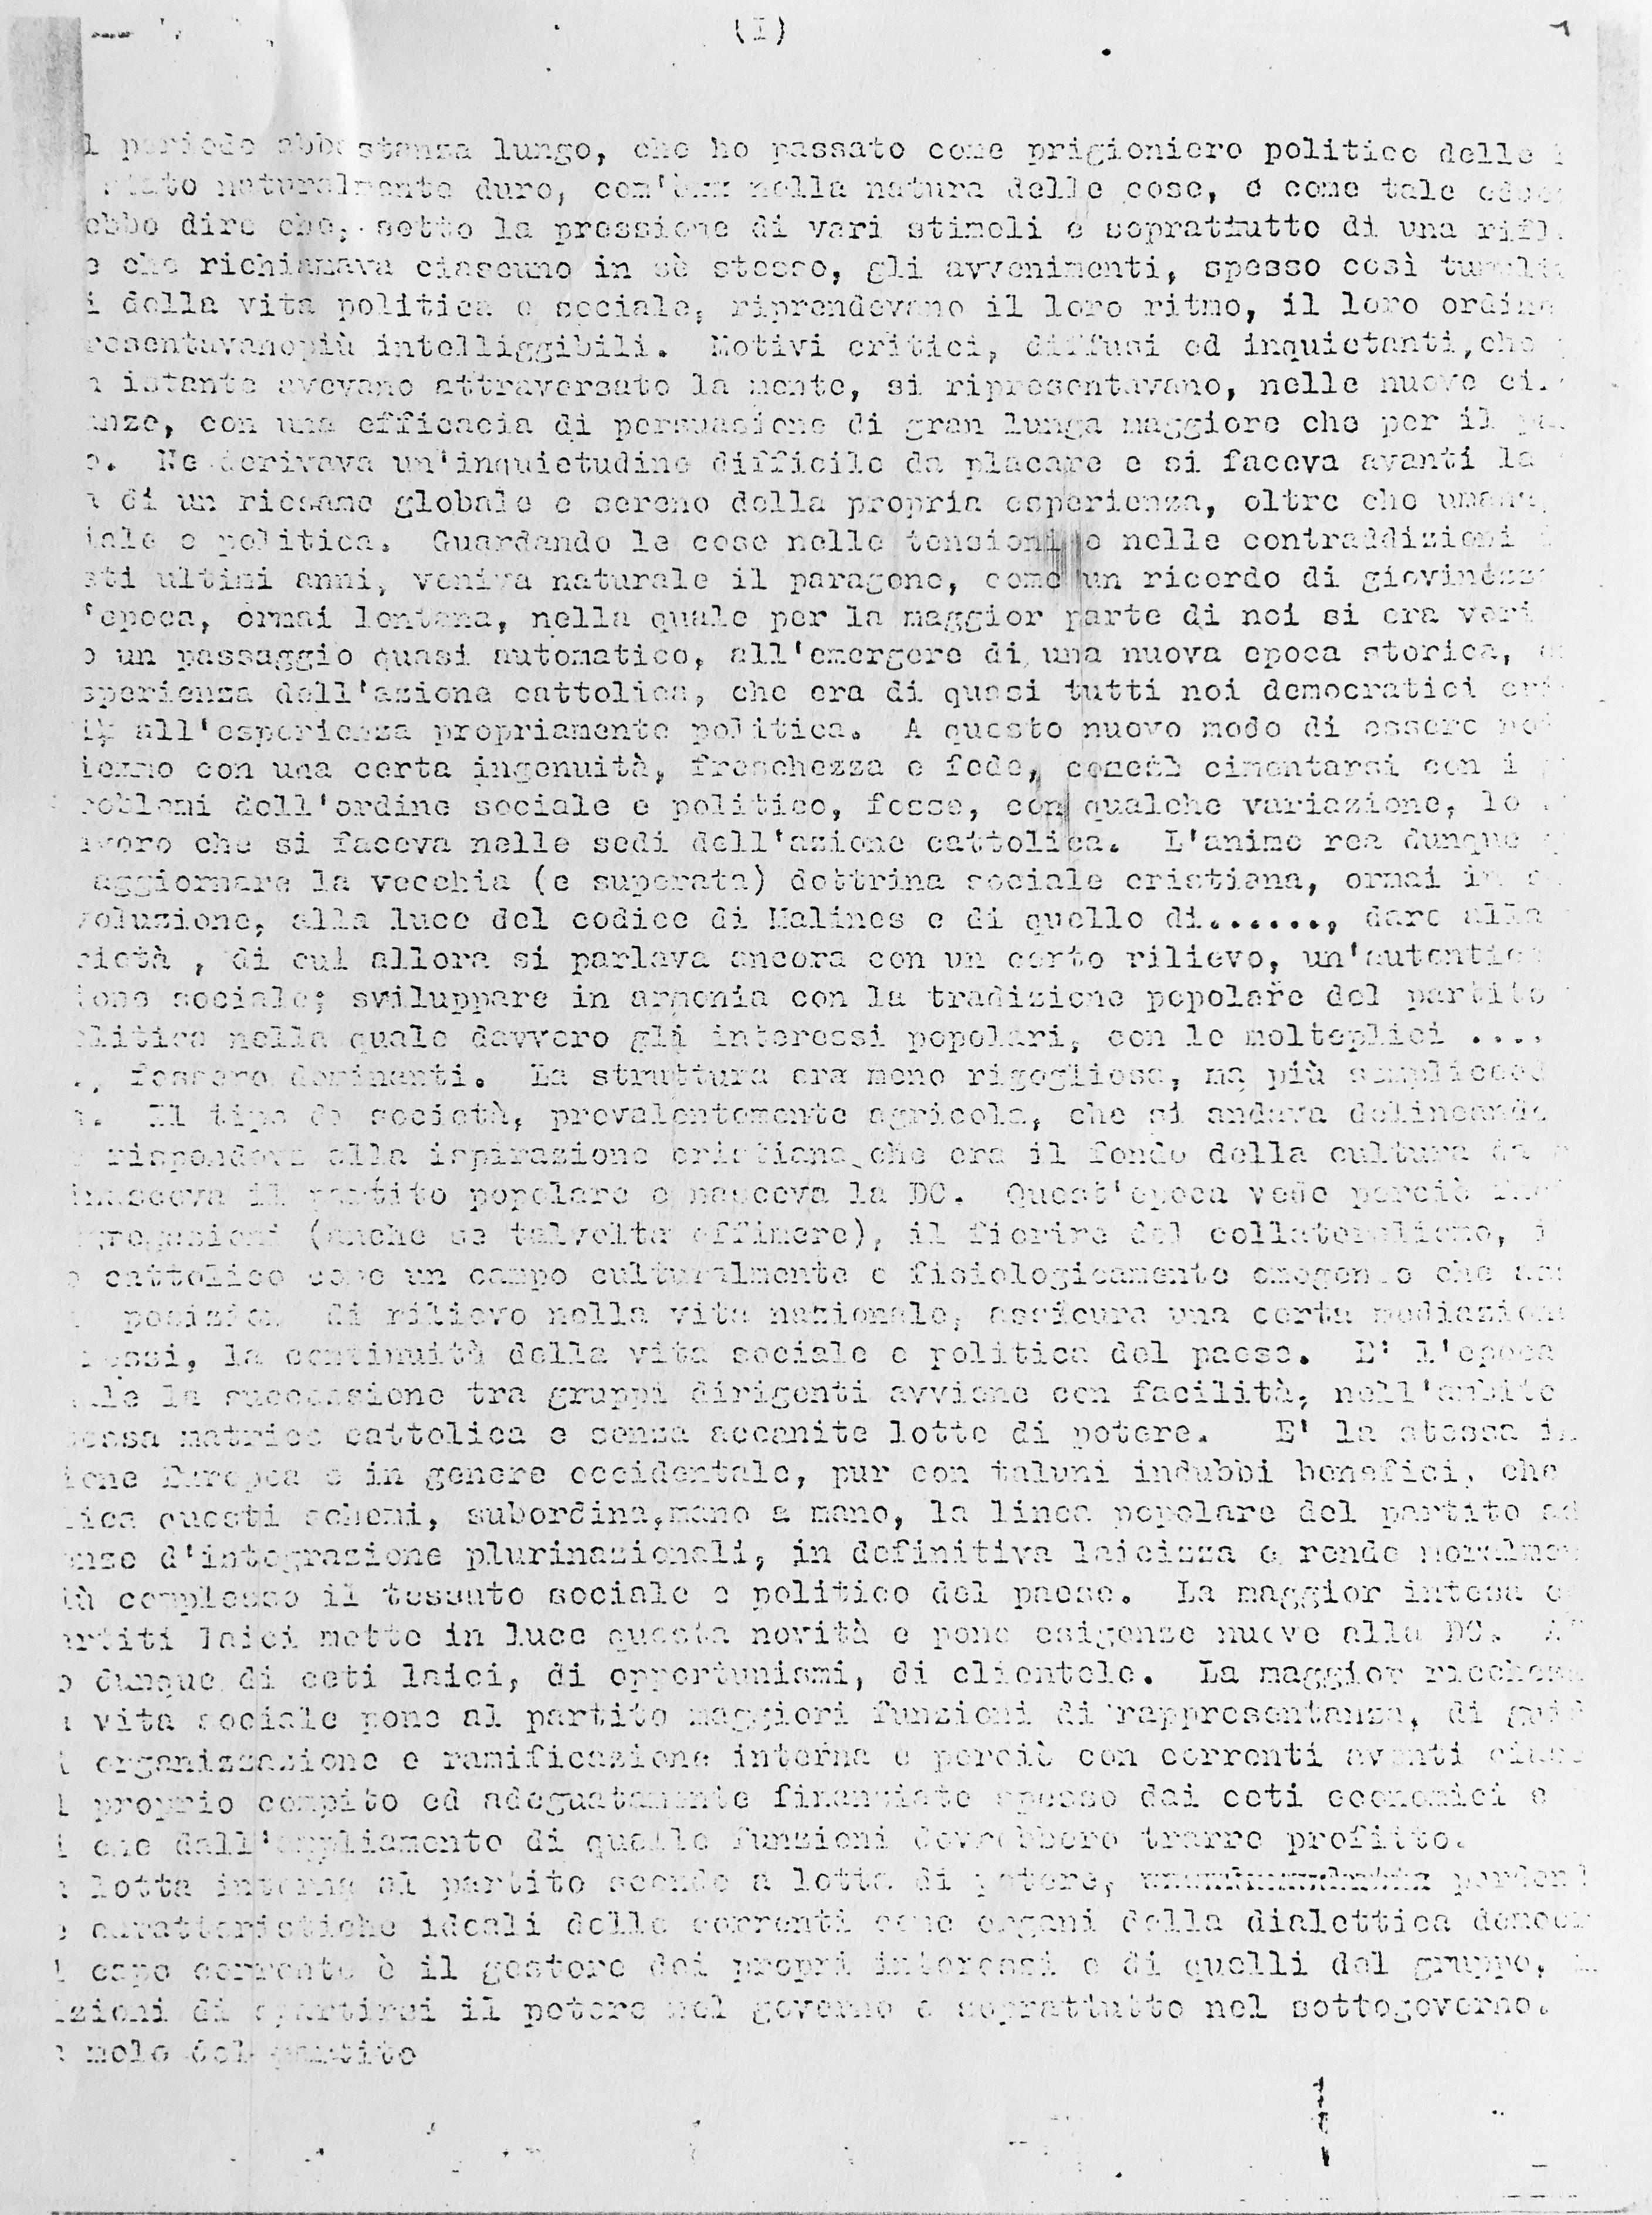 Prima pagina dattiloscritto